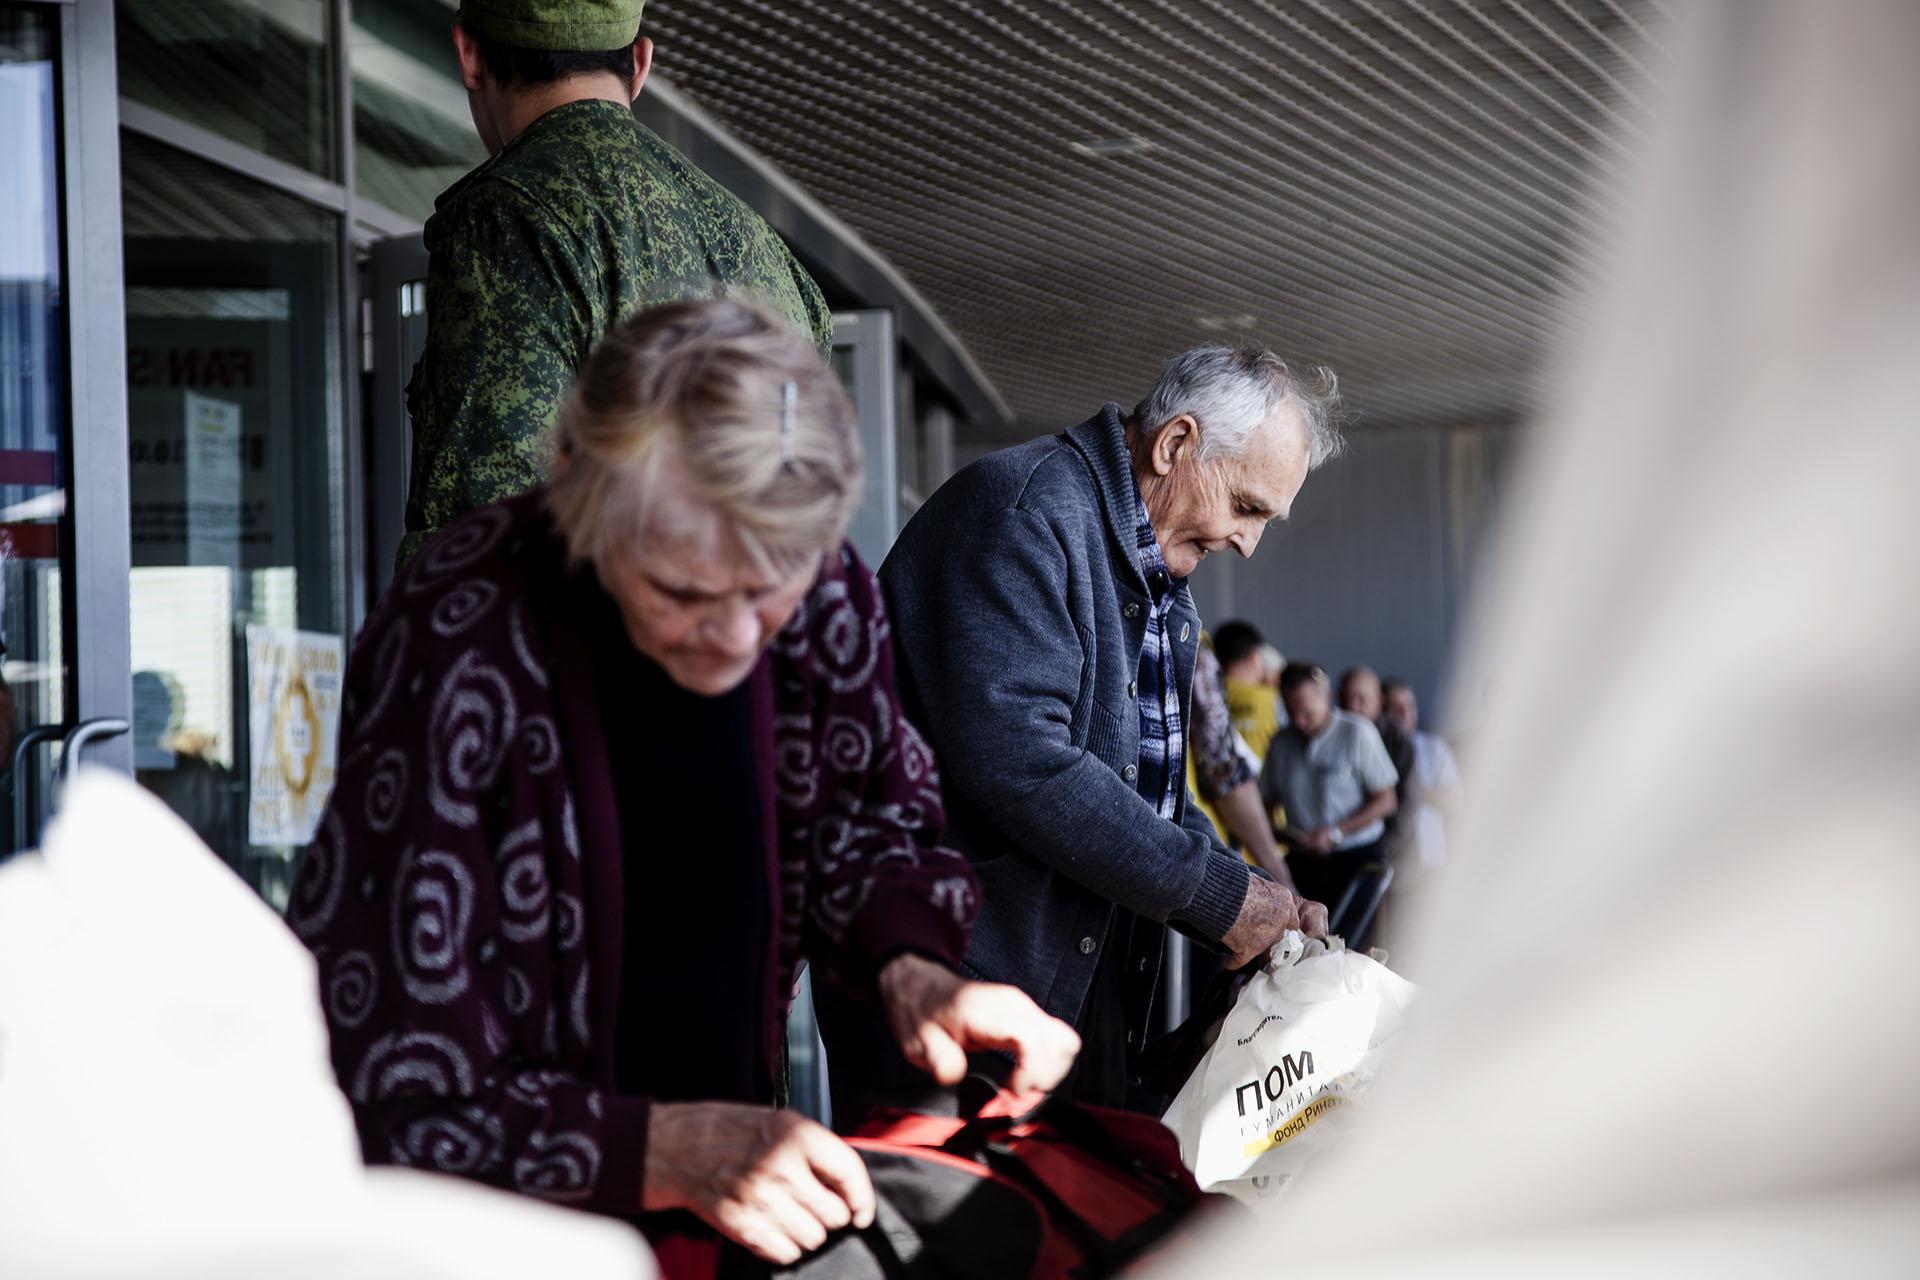 La población civil sin embargo ve como su situación se agrava día tras día. Ancianos recogiendo ayuda humanitaria en el estadio del Shaktar Donetsk.